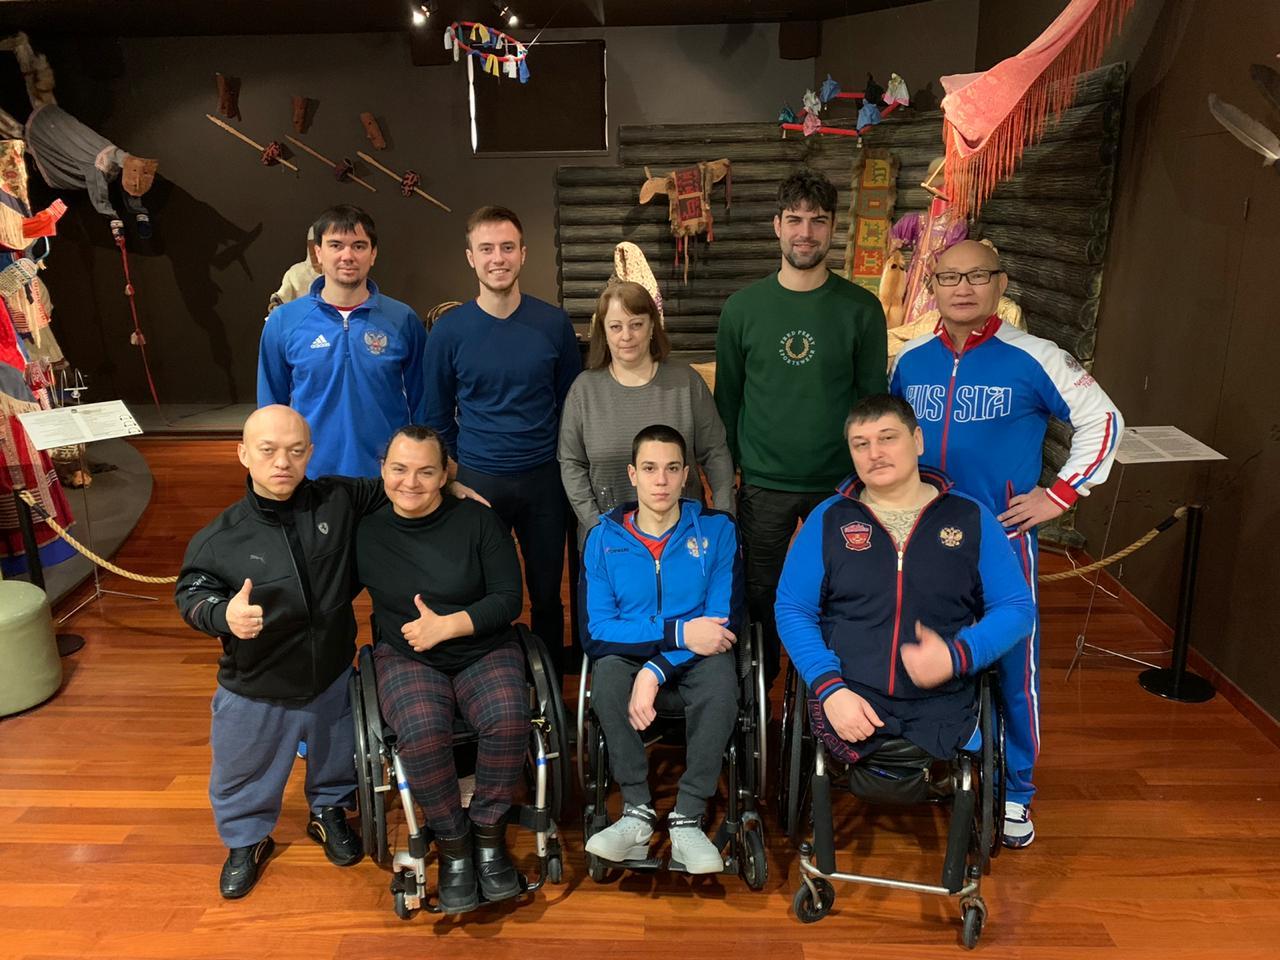 Ханты-Мансийск принимает чемпионов Паралимпийских игр, чемпионатов мира и Европы, прибывших для участия в V Всероссийском форуме по развитию паралимпийского движения в России